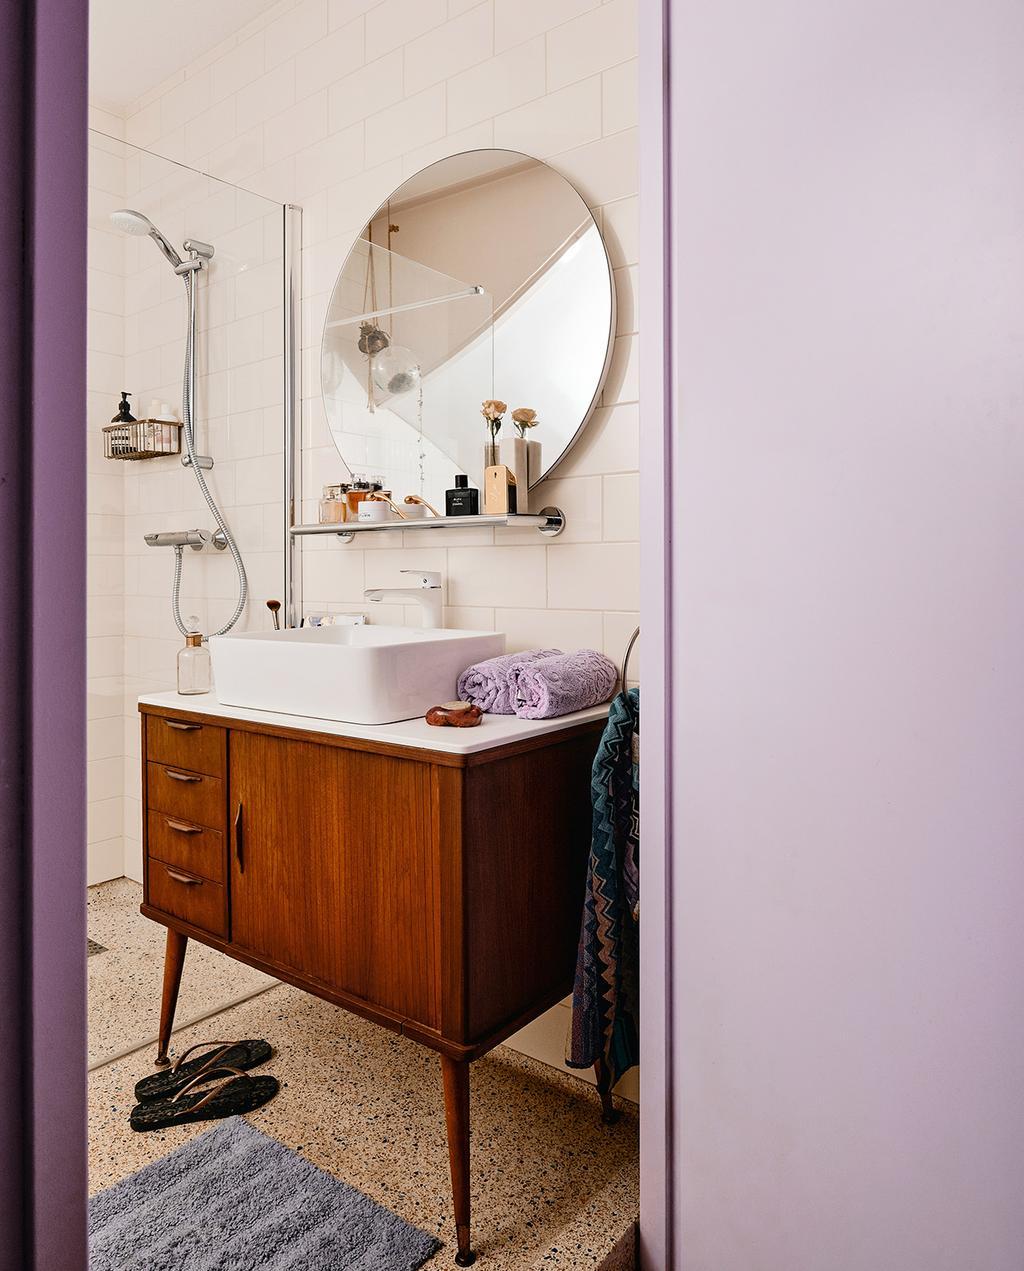 vtwonen 06-2021 | badkamer met een lila muur en een houten wastafelmeubel en ronde spiegel